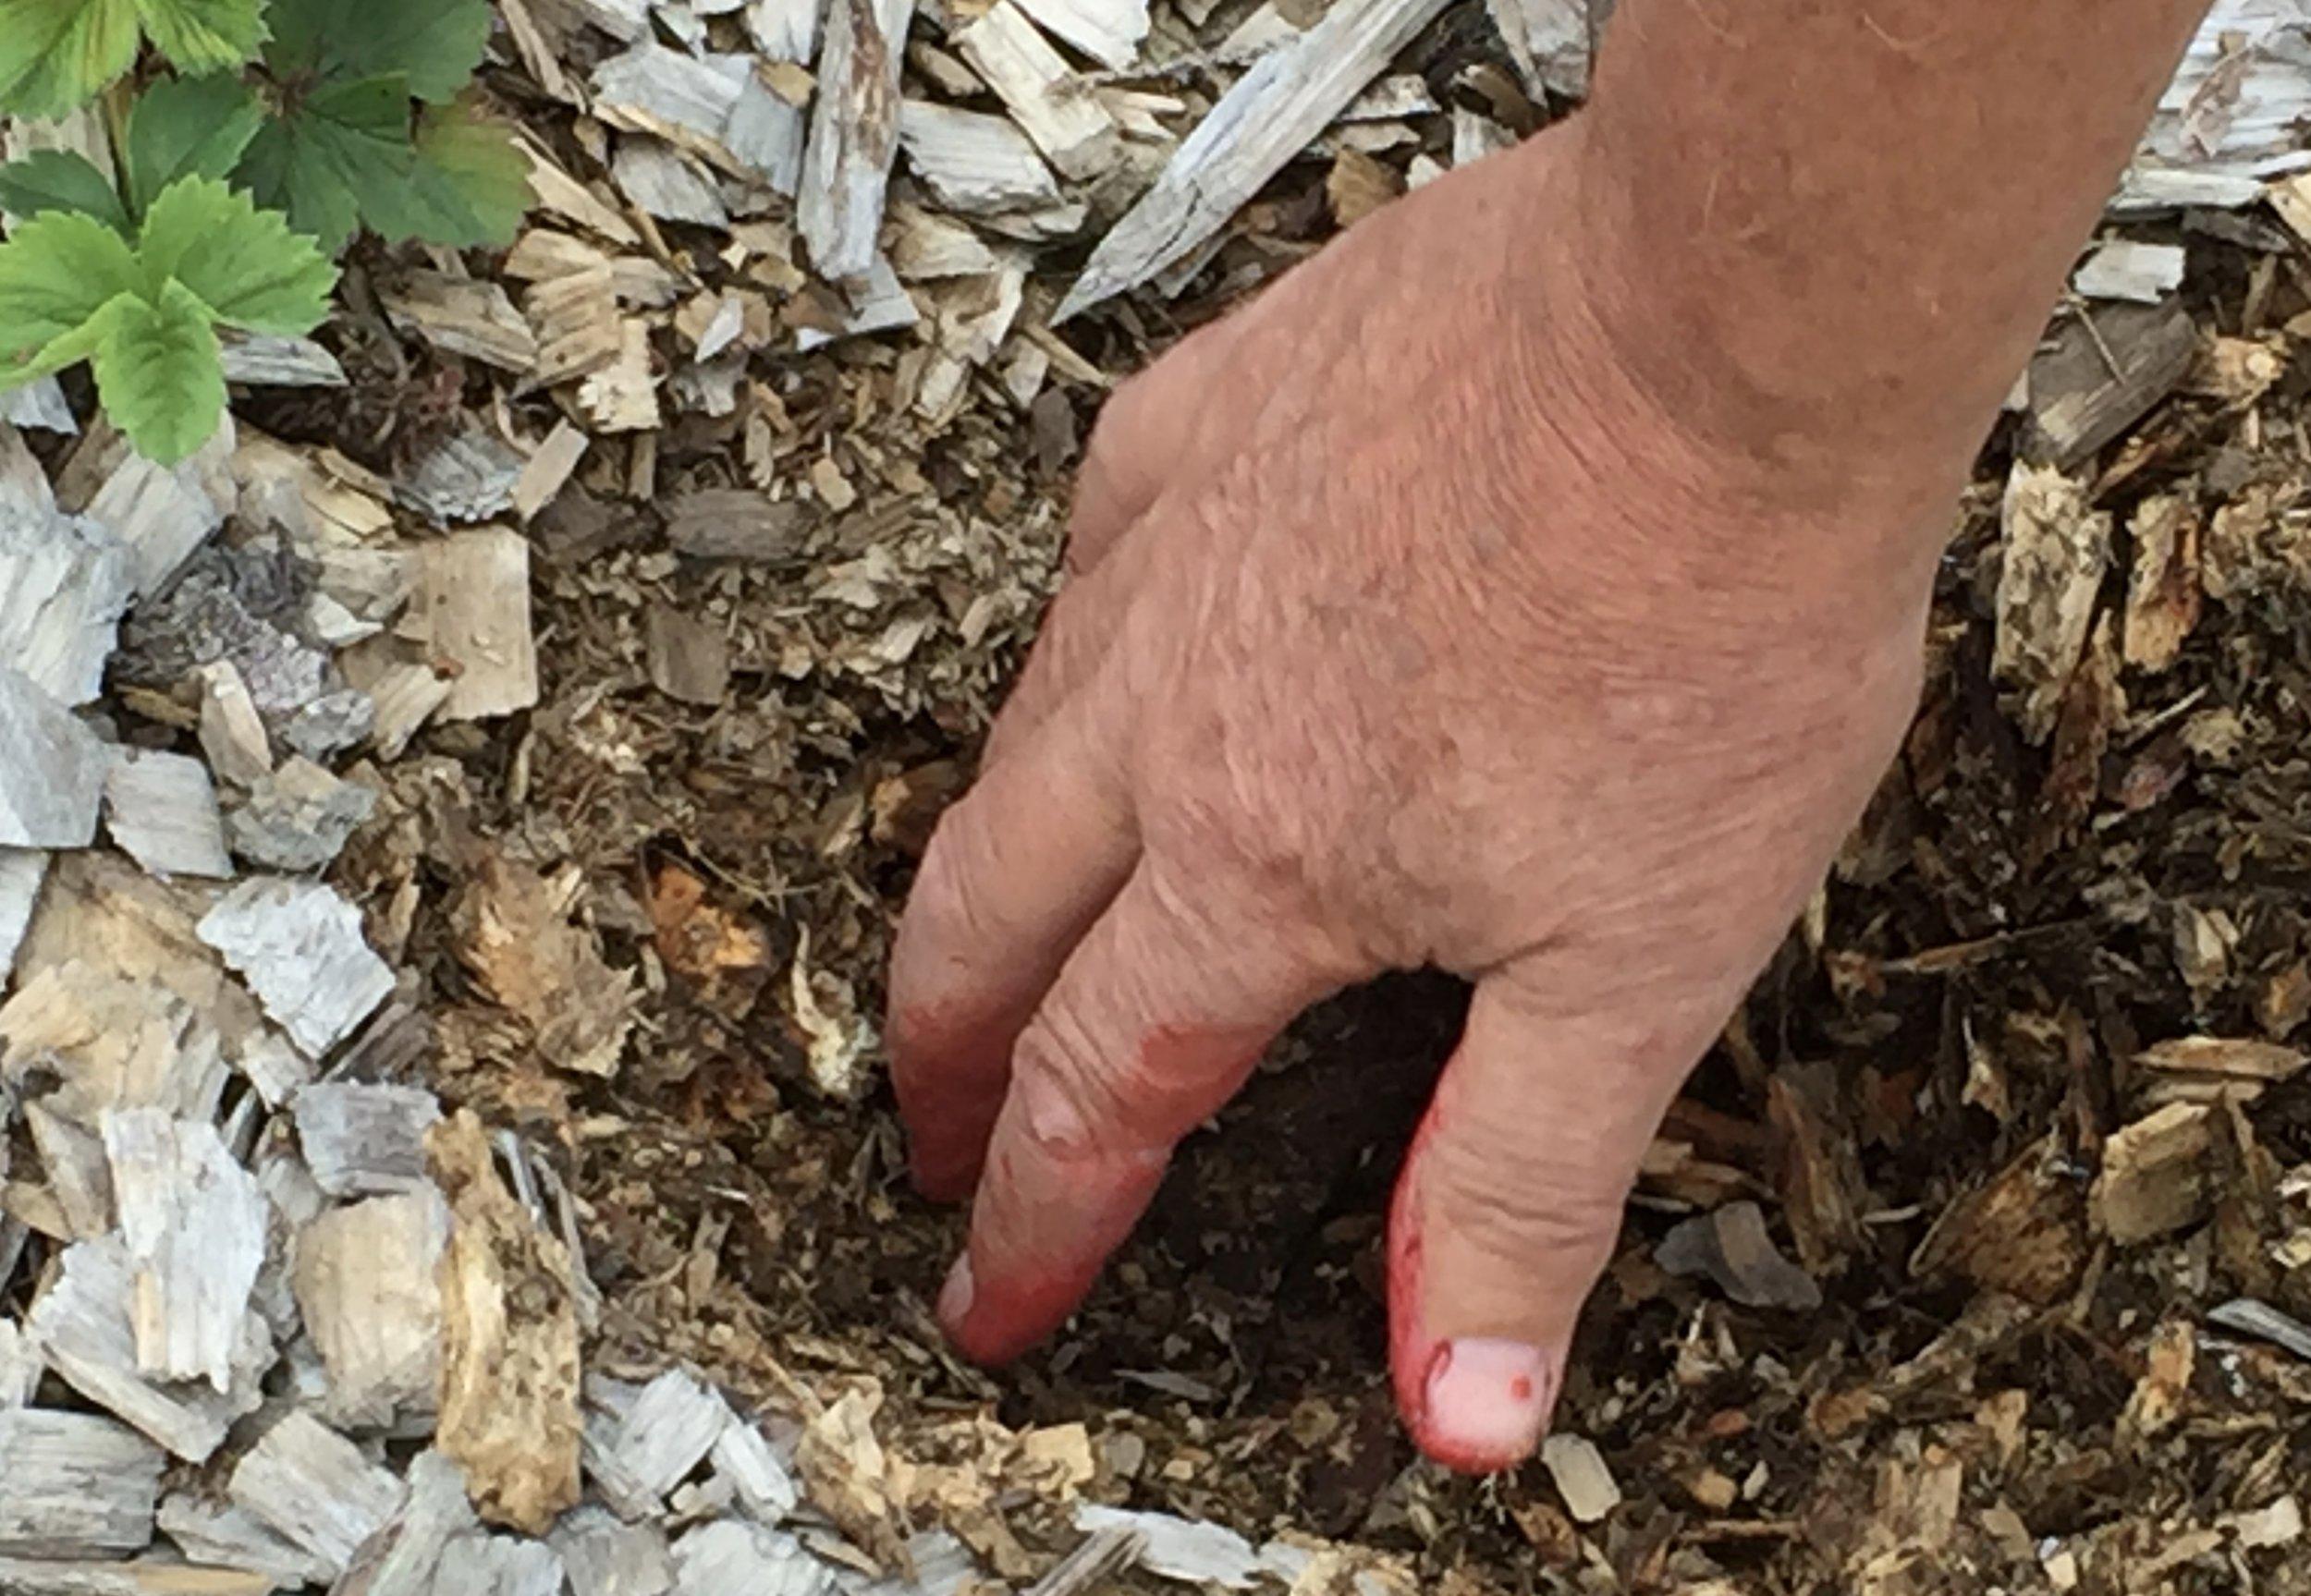 Flislaget holder i mange år, men graver man litt ned i det, ser man at det er i ferd med å råtne. Det holder godt på fuktigheten og blir til fin jord den dagen feltet er for gammelt å skal pløyes opp.